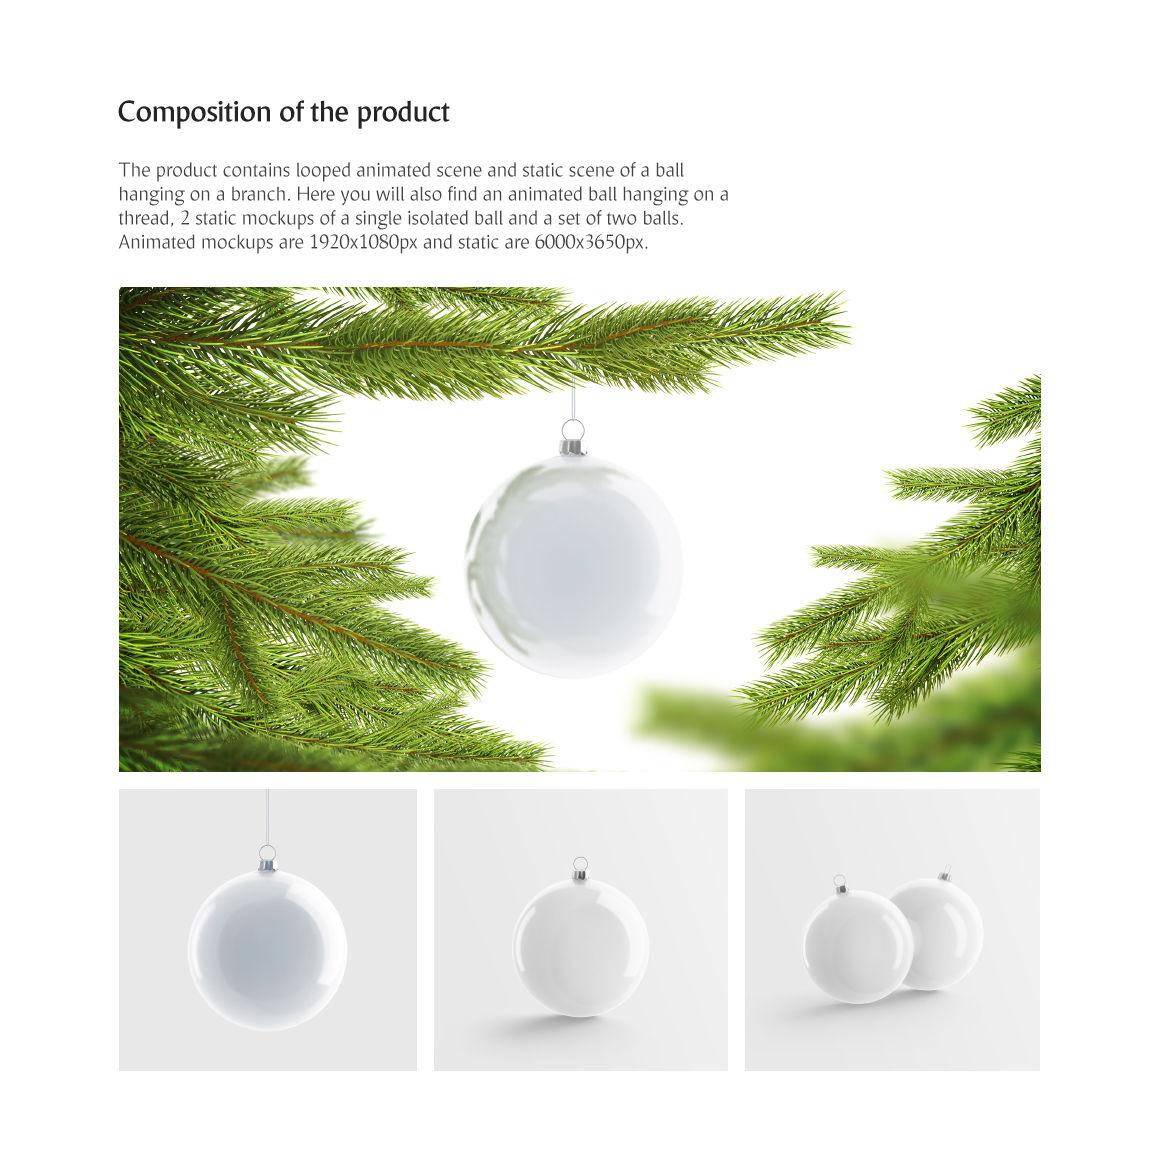 Christmas Tree Ball Animated Mockups Set By Rebrandy